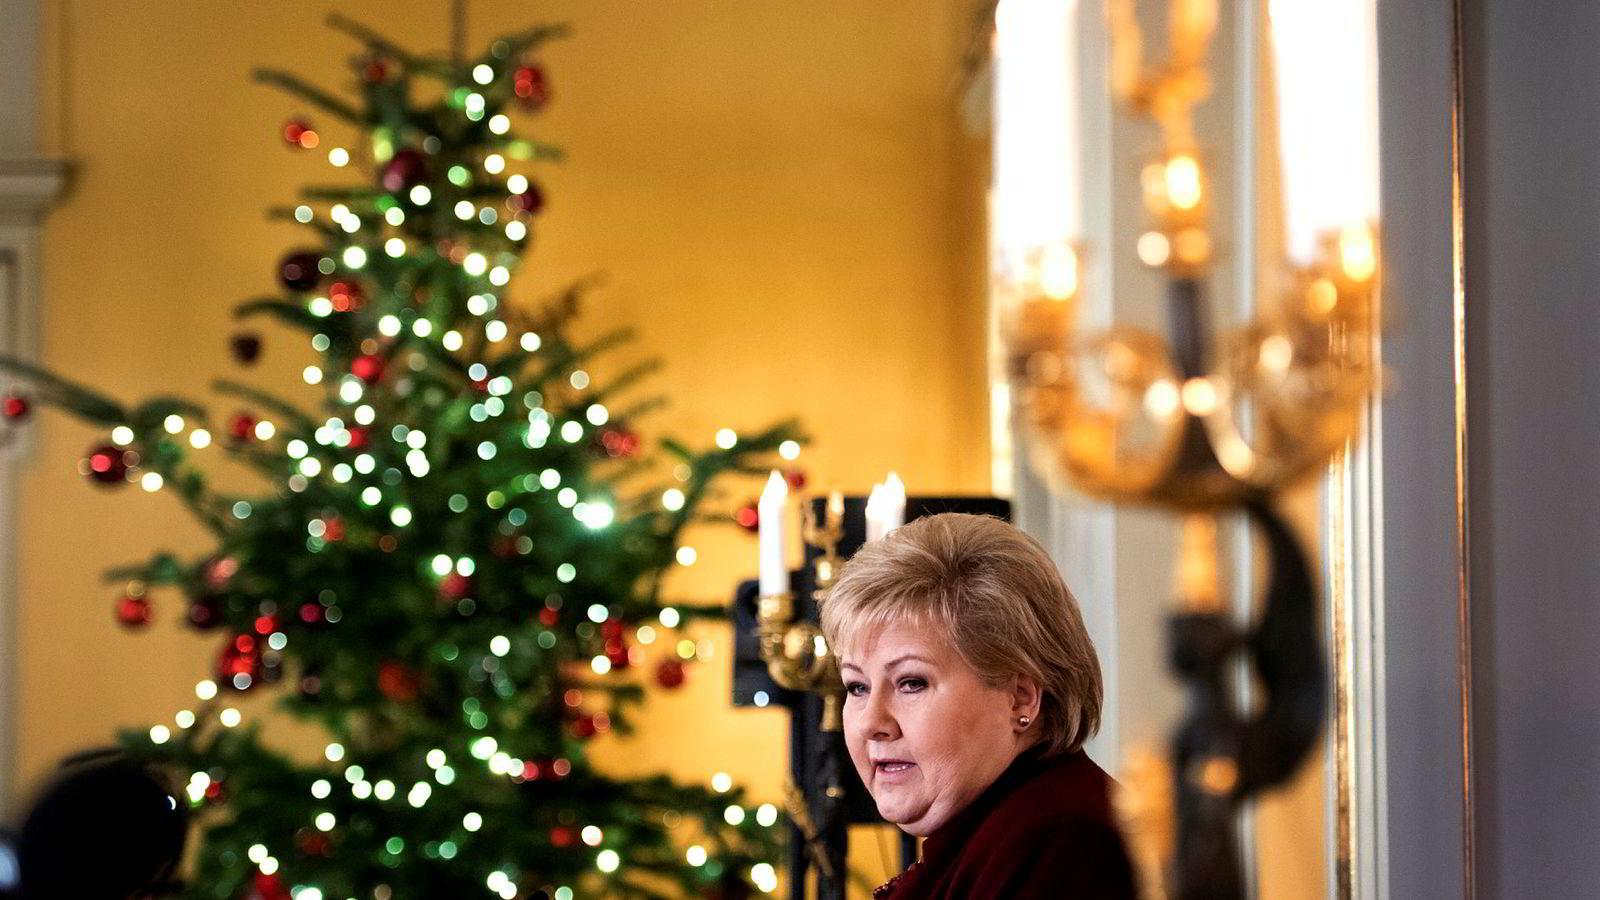 – Jeg mener vi har fått mye til med en mindretallsregjering. Men selvfølgelig vil mulighetene bli enda større med en flertallsregjering, sa statsminister Erna Solberg da hun ringte julen inn med oppsummerende pressekonferanse i regjeringens representasjonsanlegg.